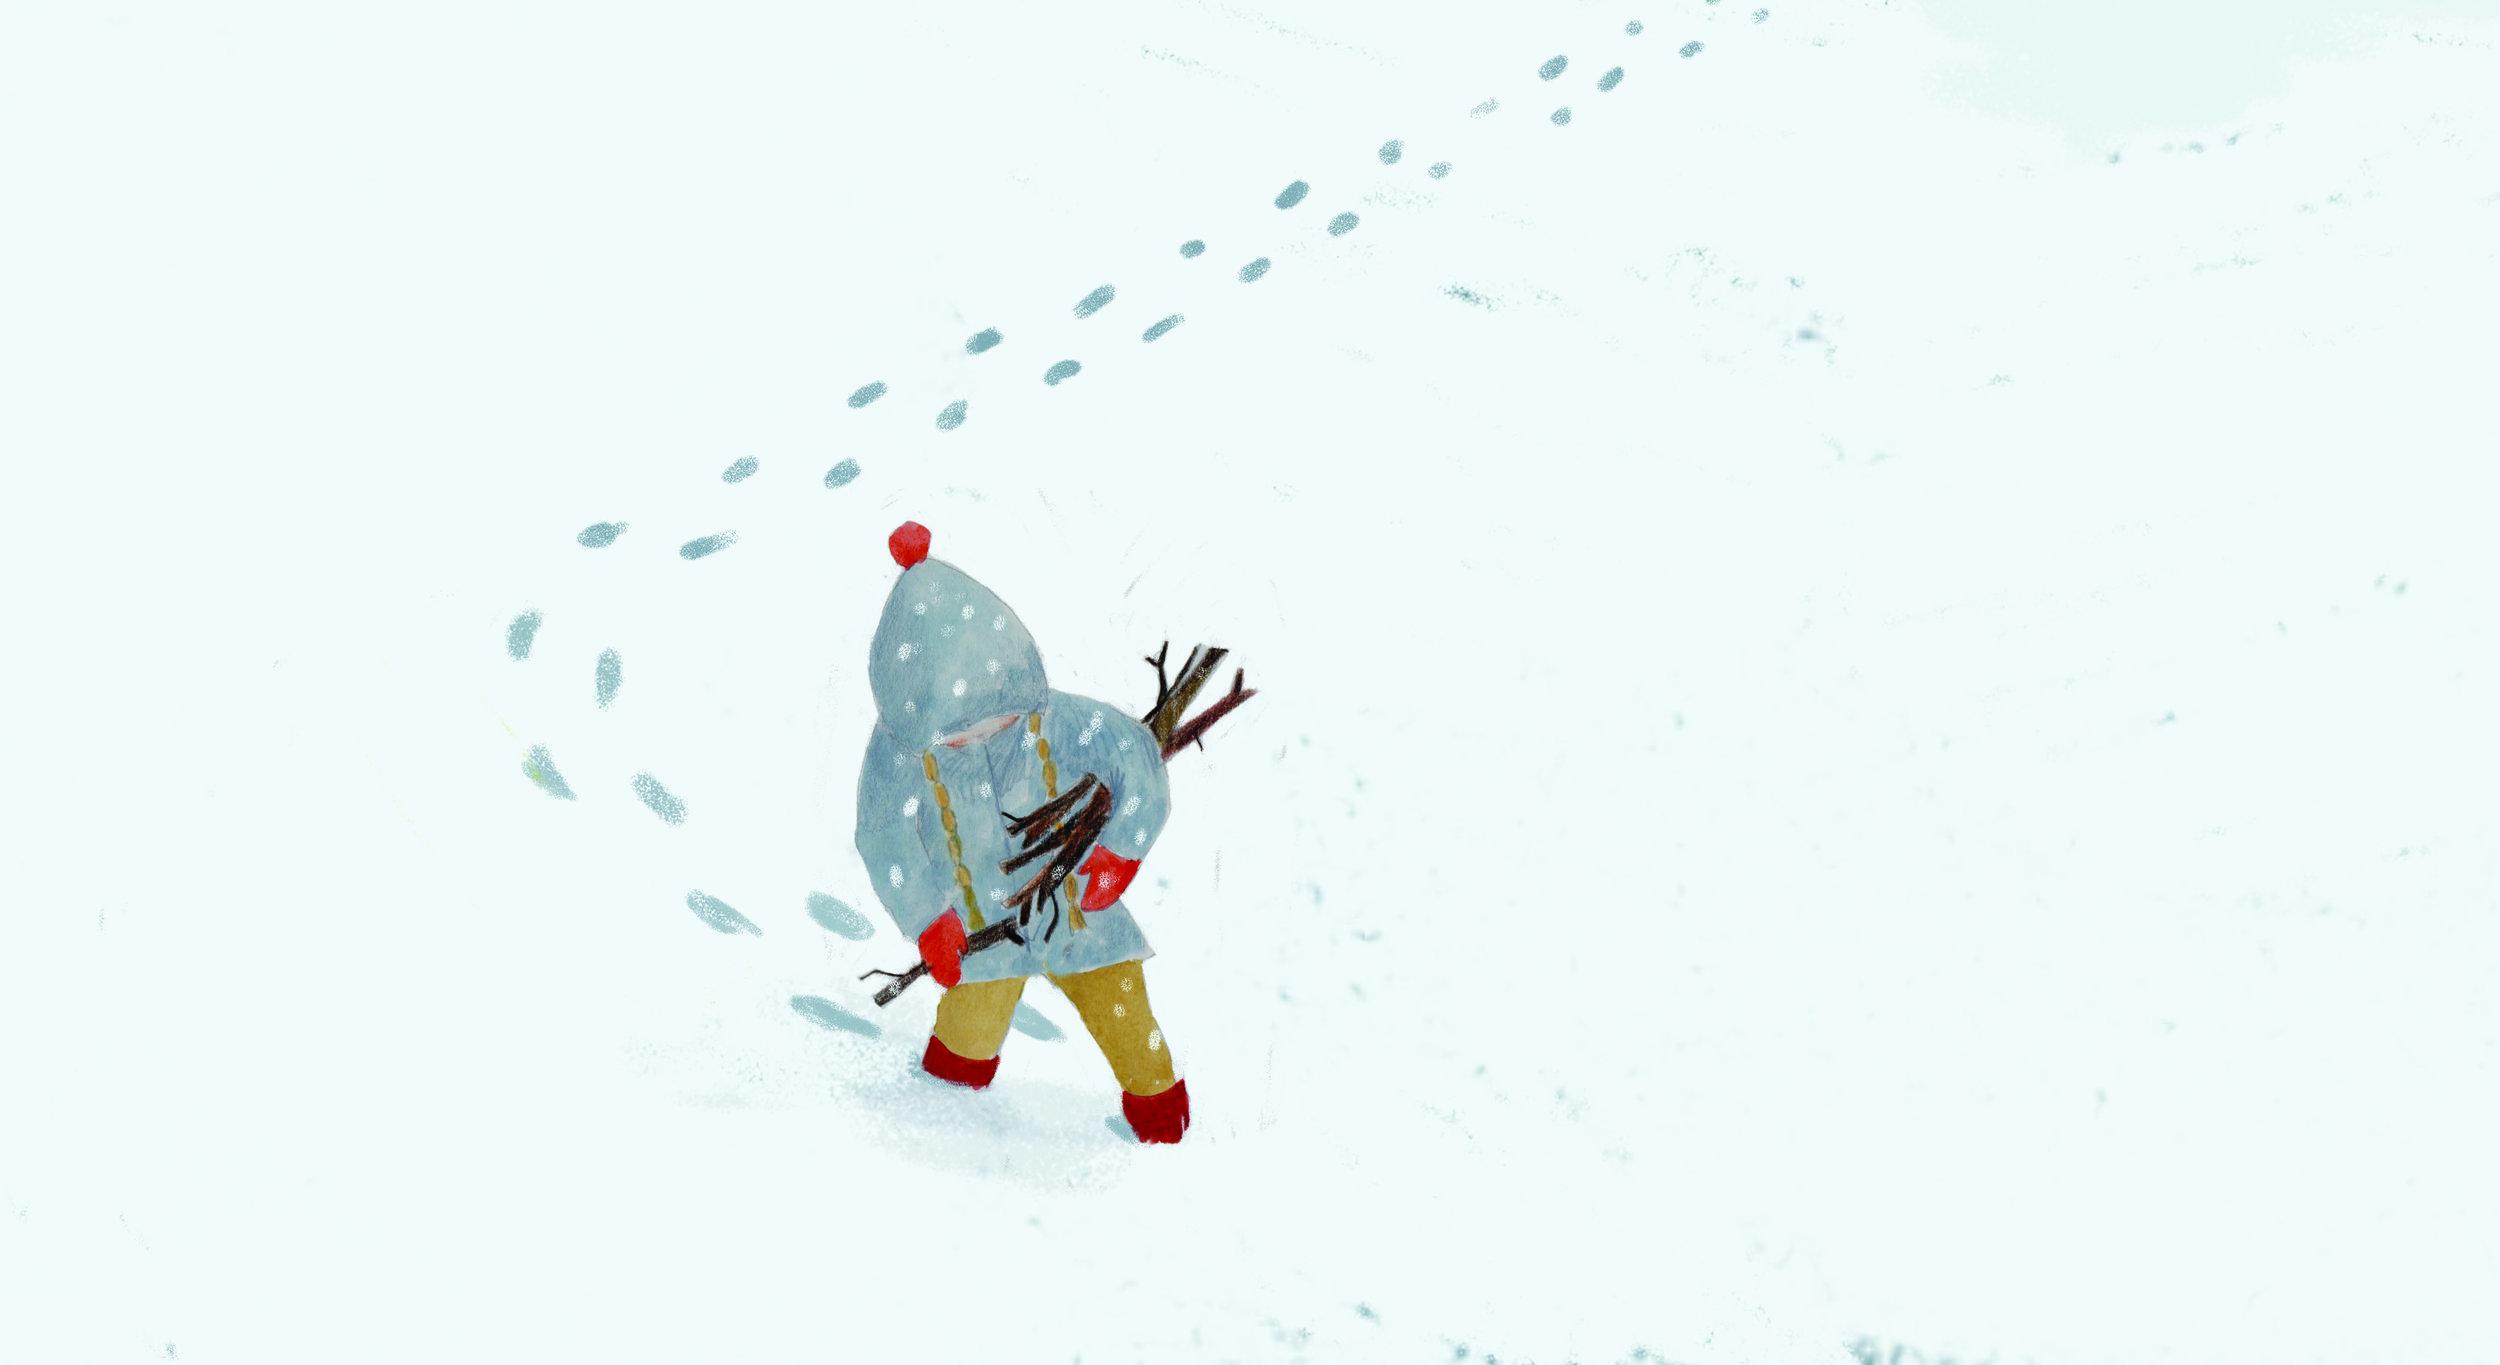 Hettie in snow no sky.jpg